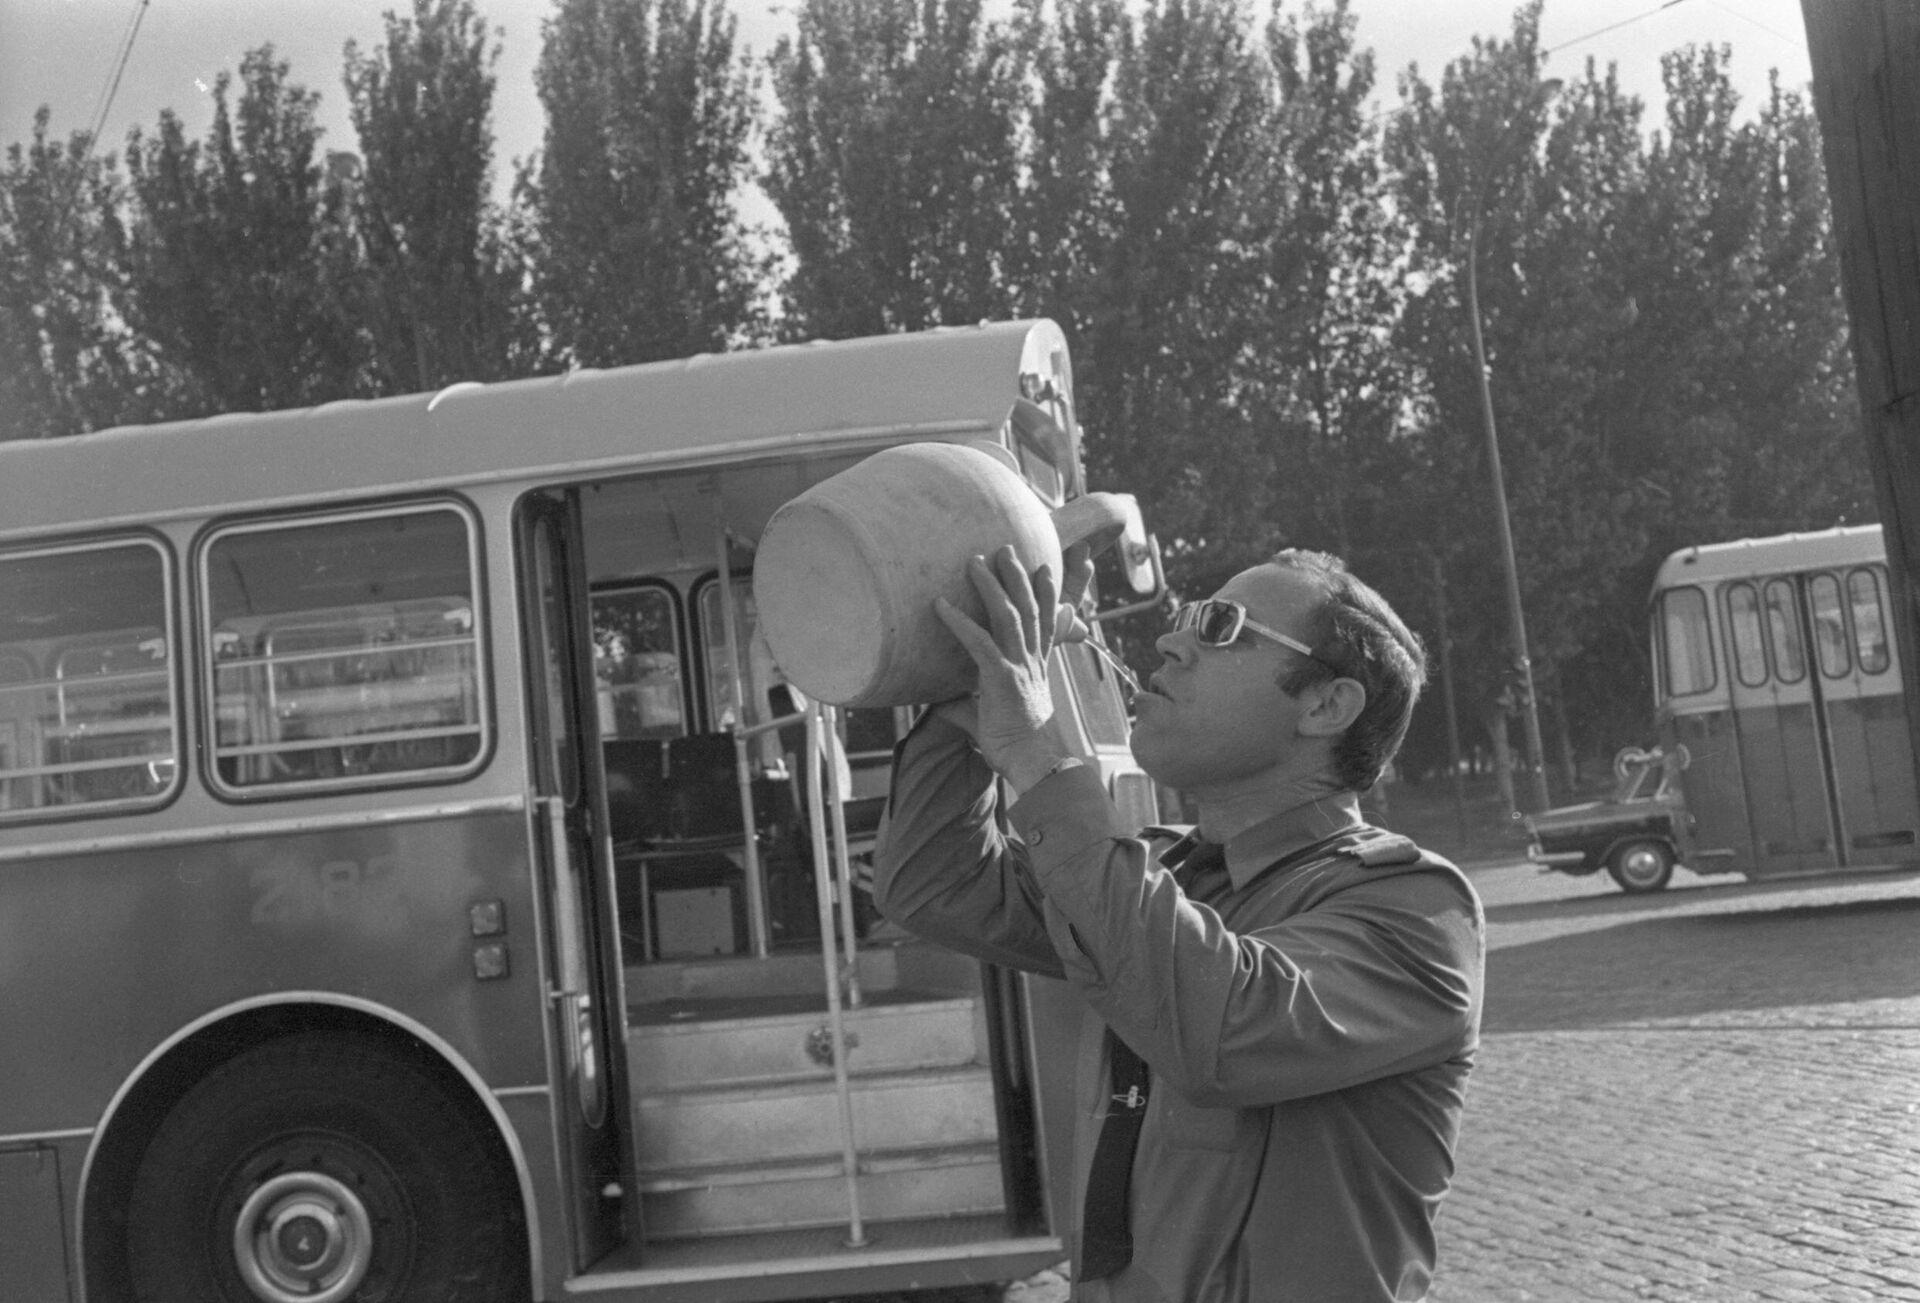 Conductor de autobús refrescándose con un botijo. Madrid, 1972 - Sputnik Mundo, 1920, 17.09.2021